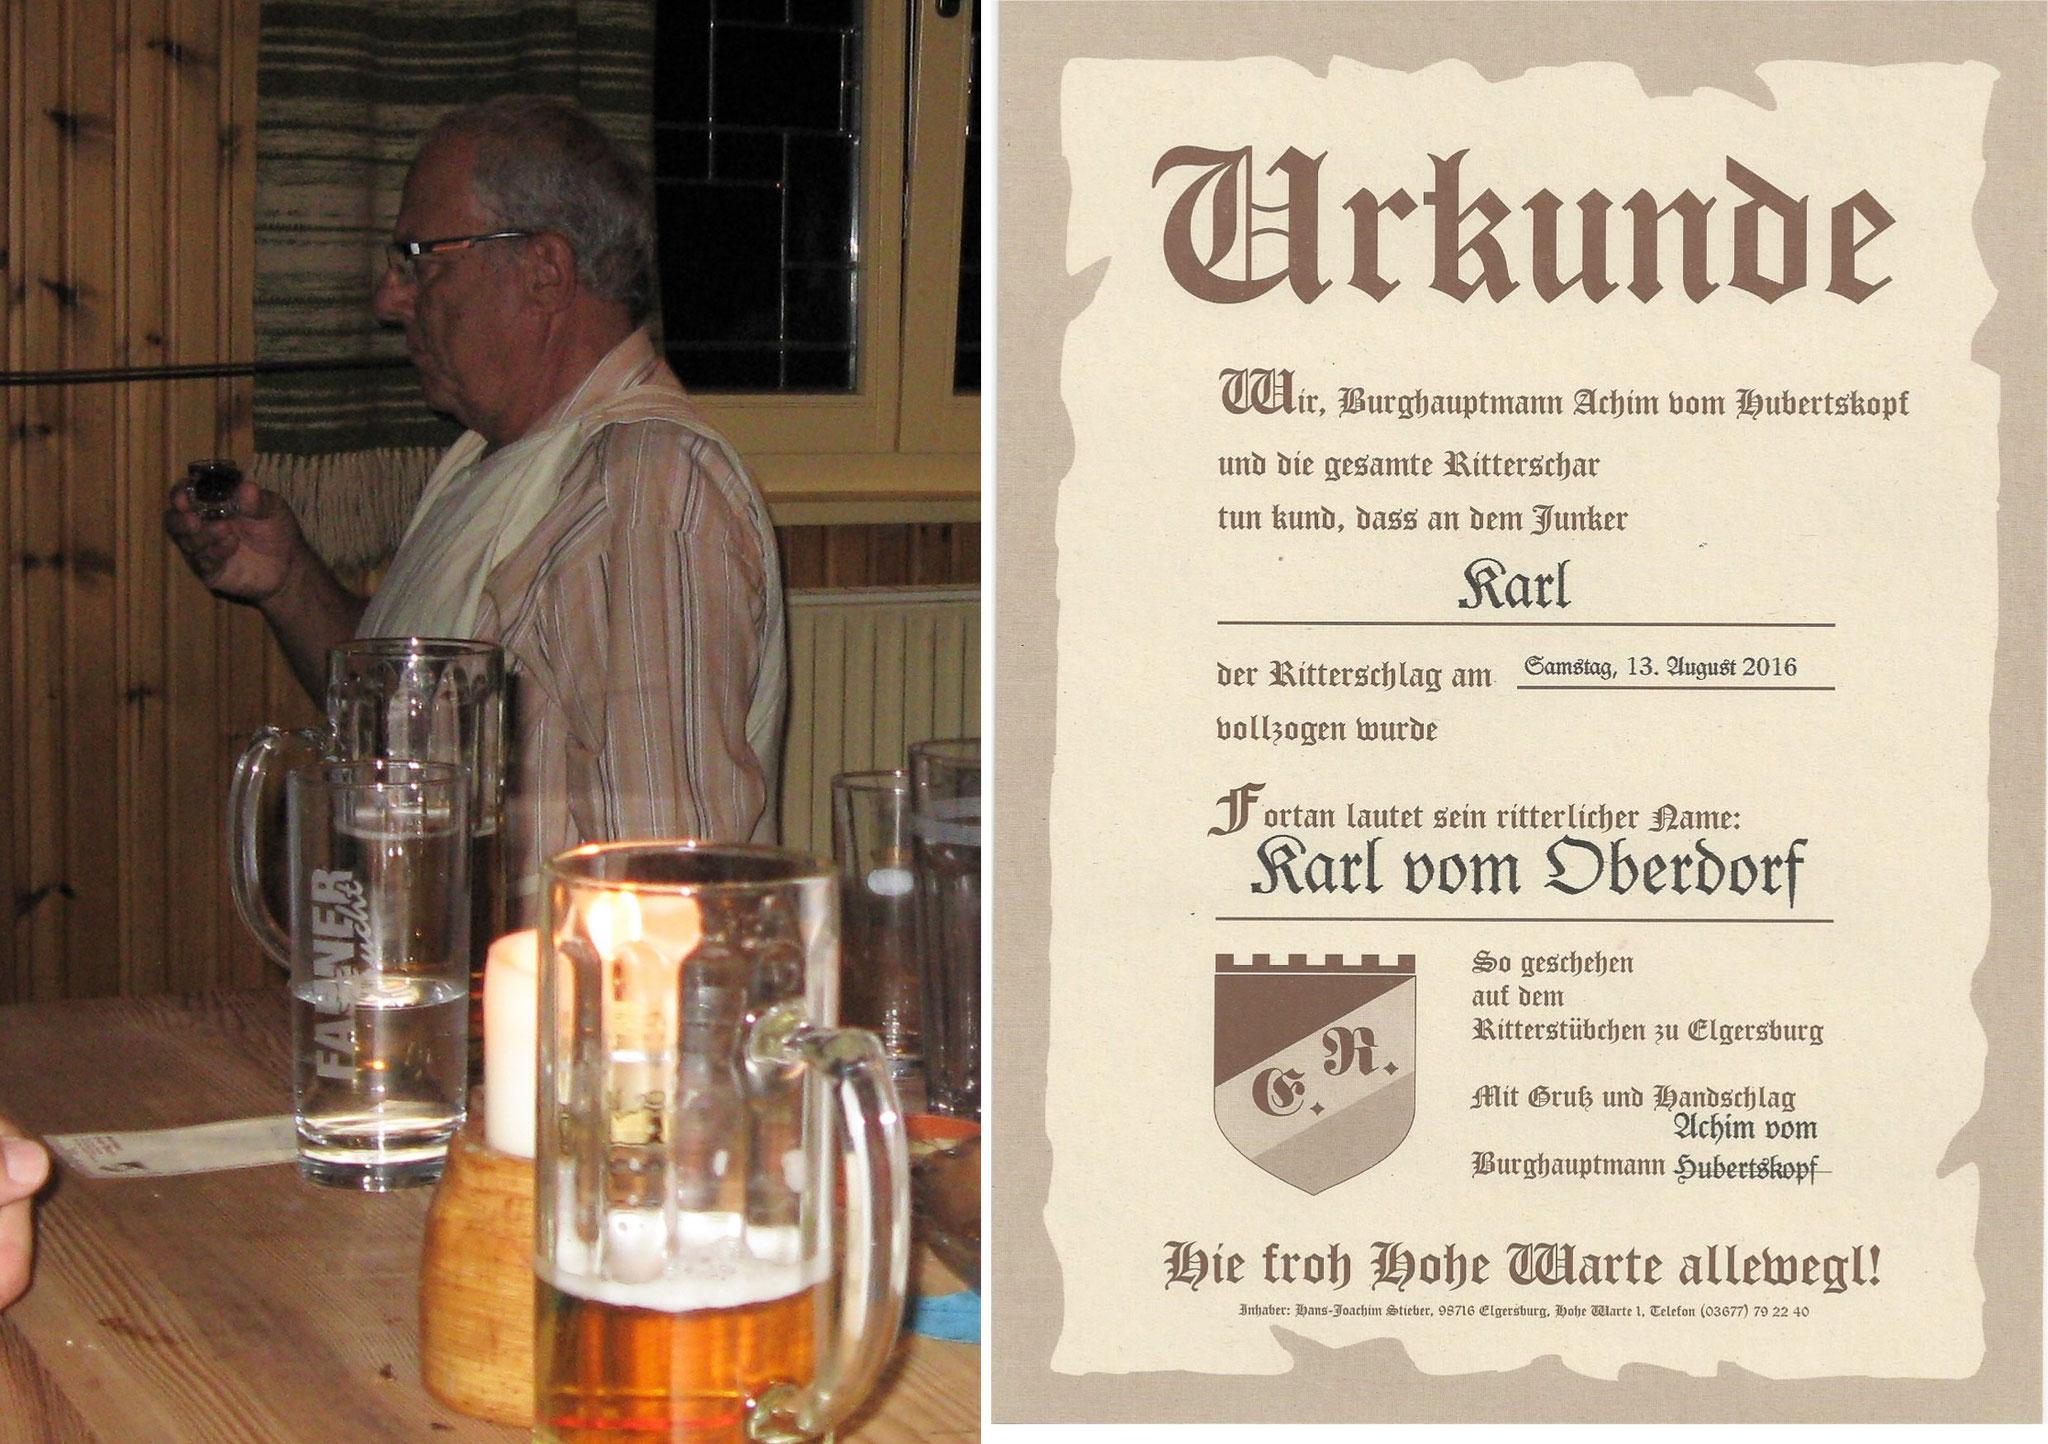 Ritter Karl vom Oberdorf und seine Urkunde